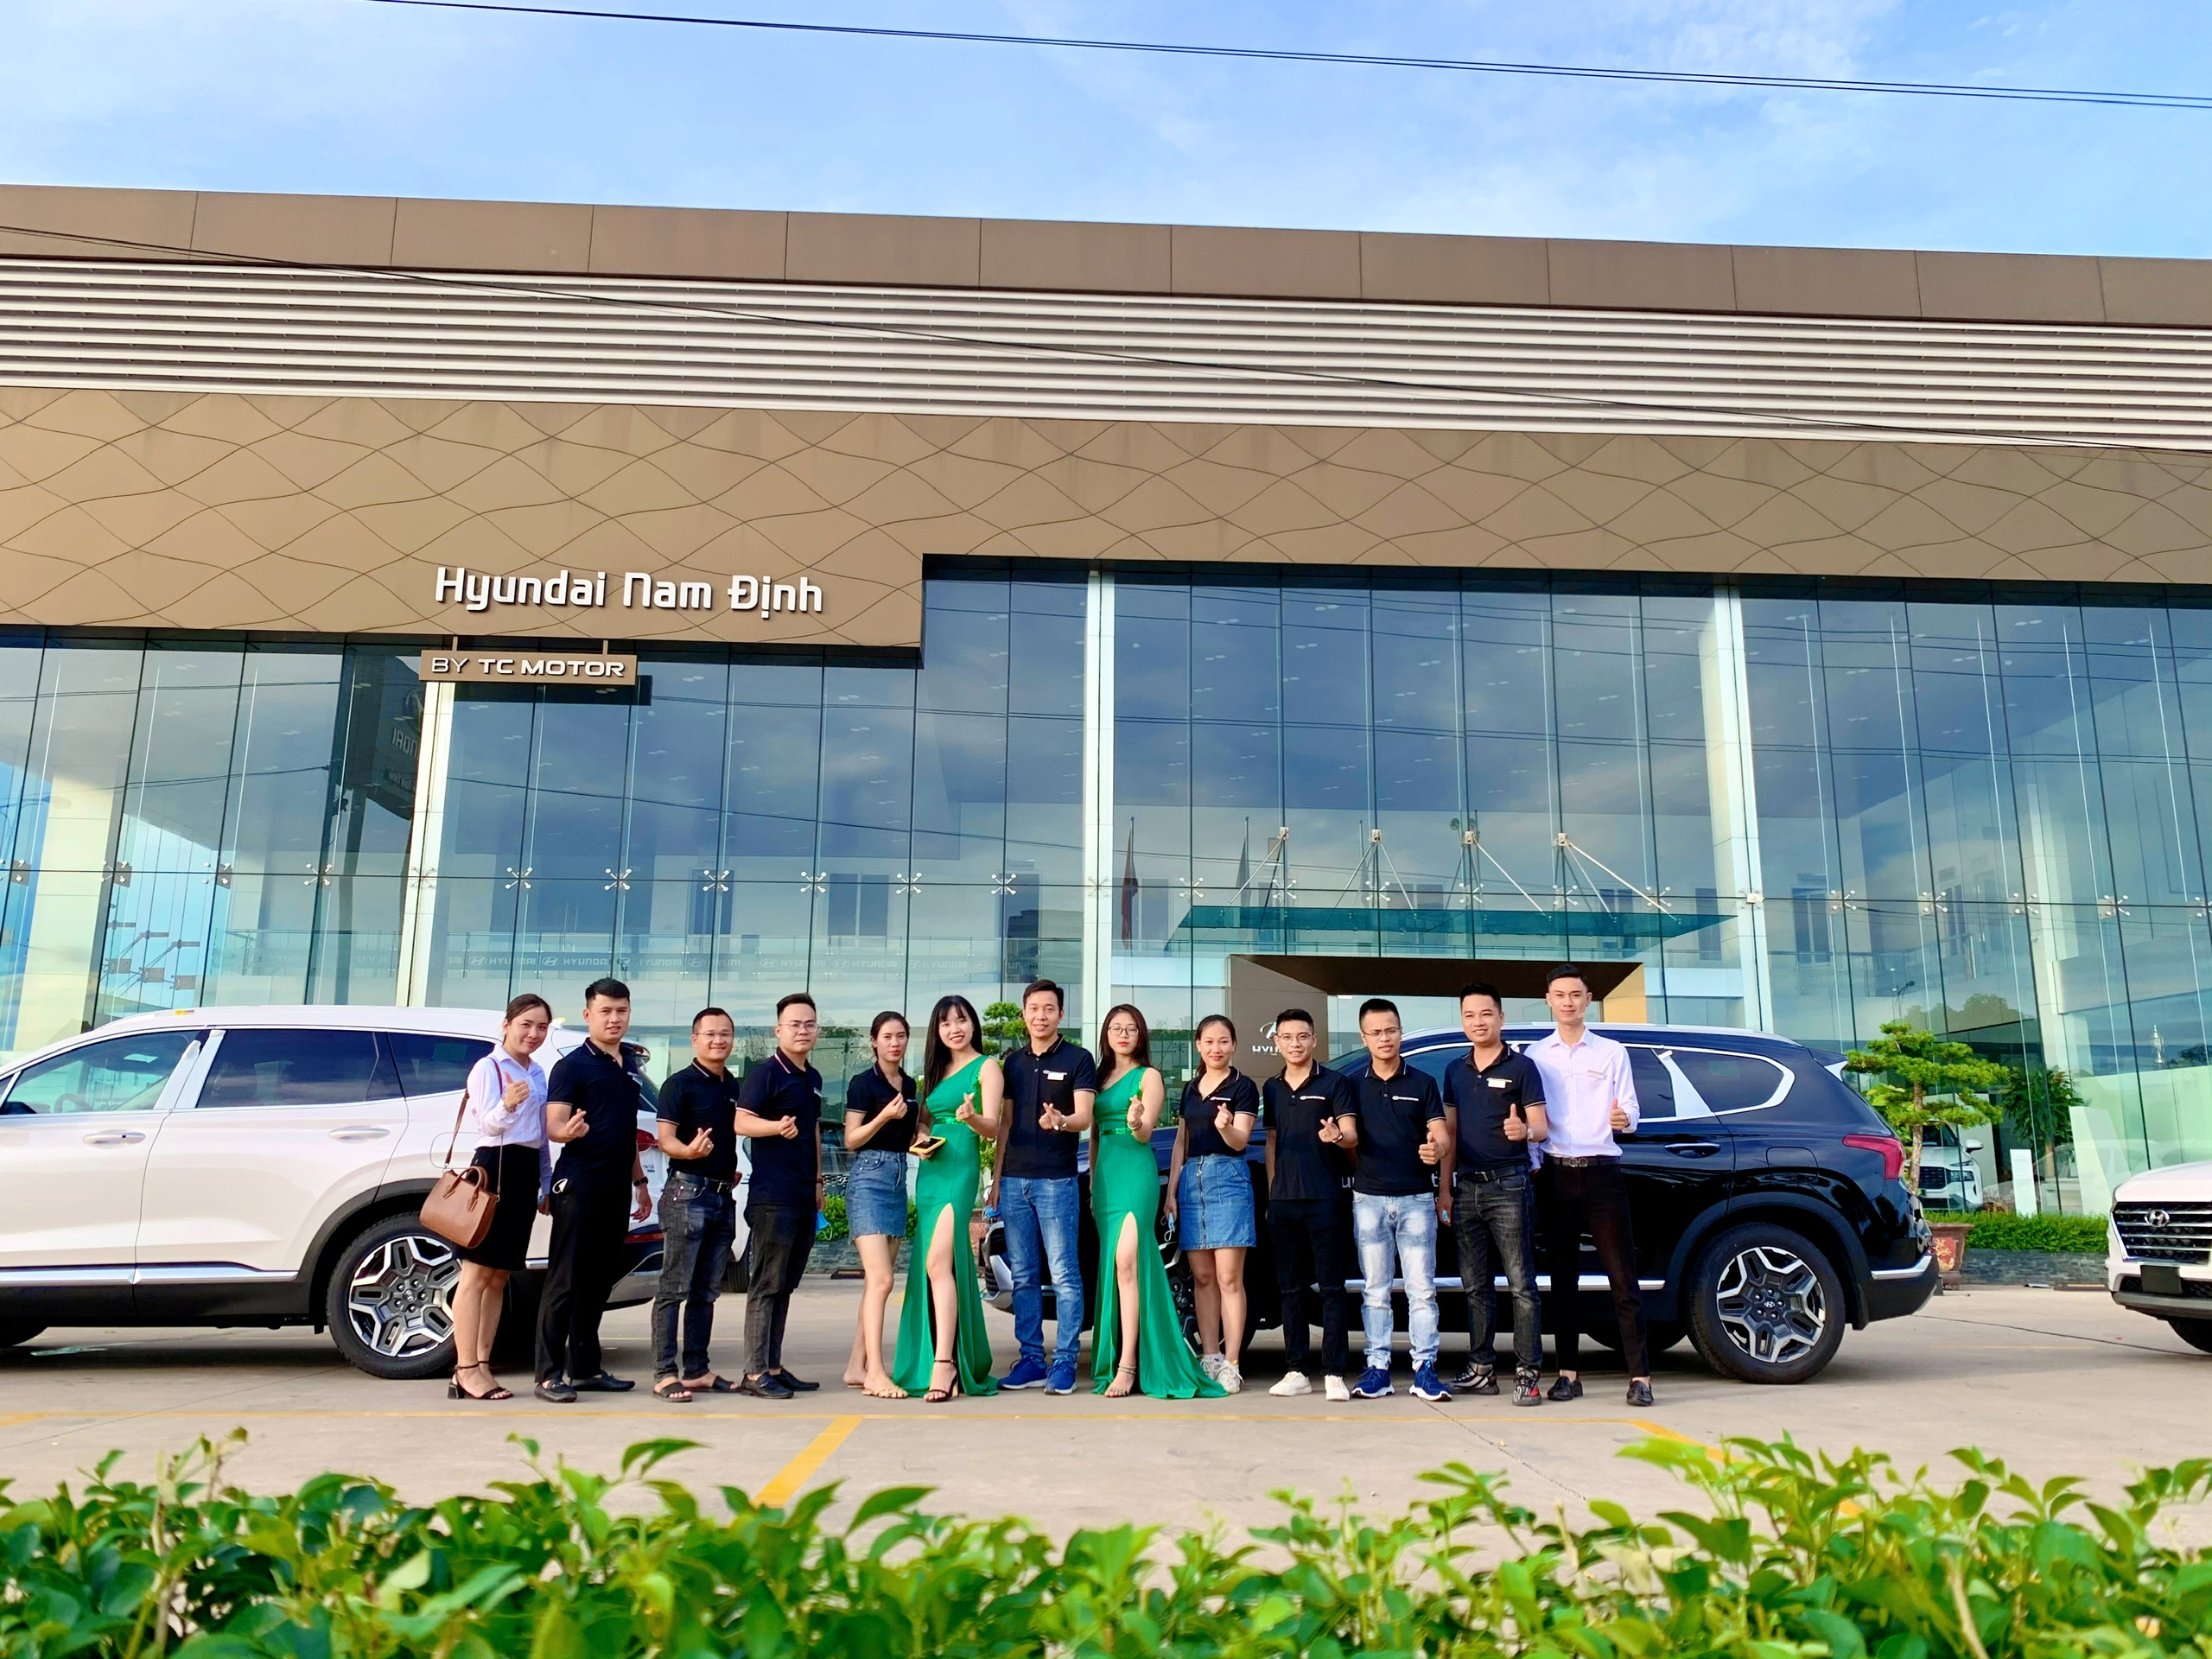 Hyundai Nam Định là nơi có môi trường làm việc năng động, sáng tạo và chuyên nghiệp